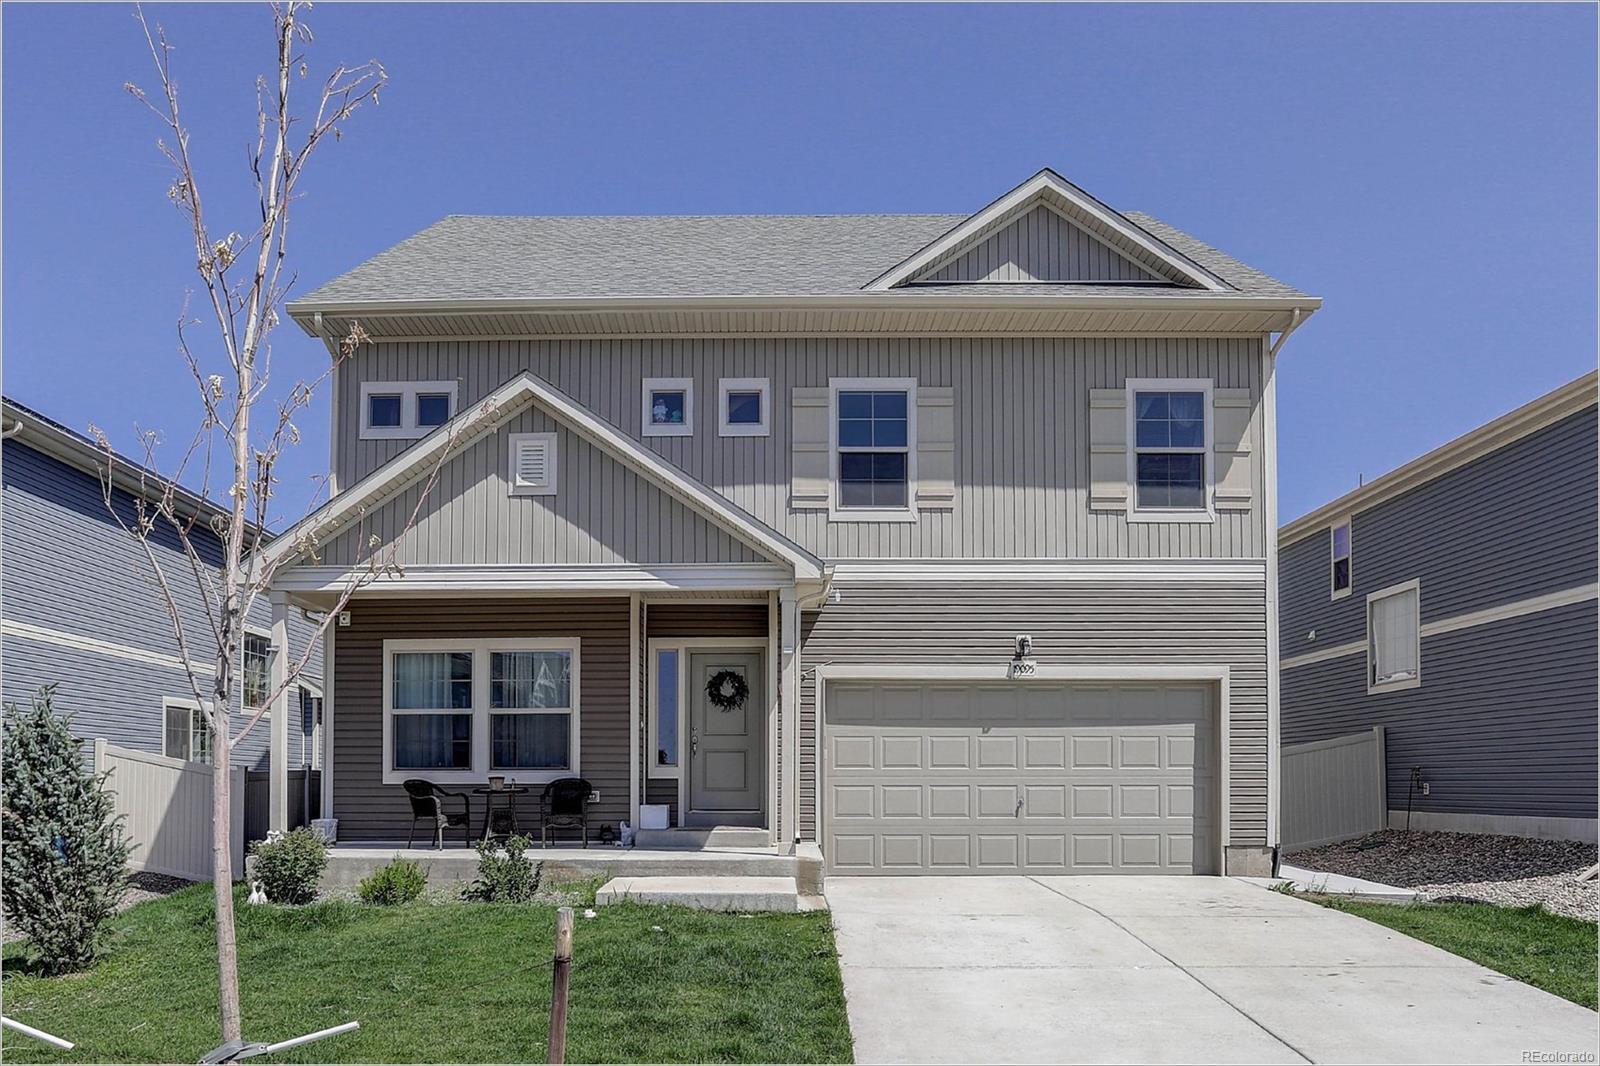 19095 Robins Drive, Denver, CO 80249 - Denver, CO real estate listing